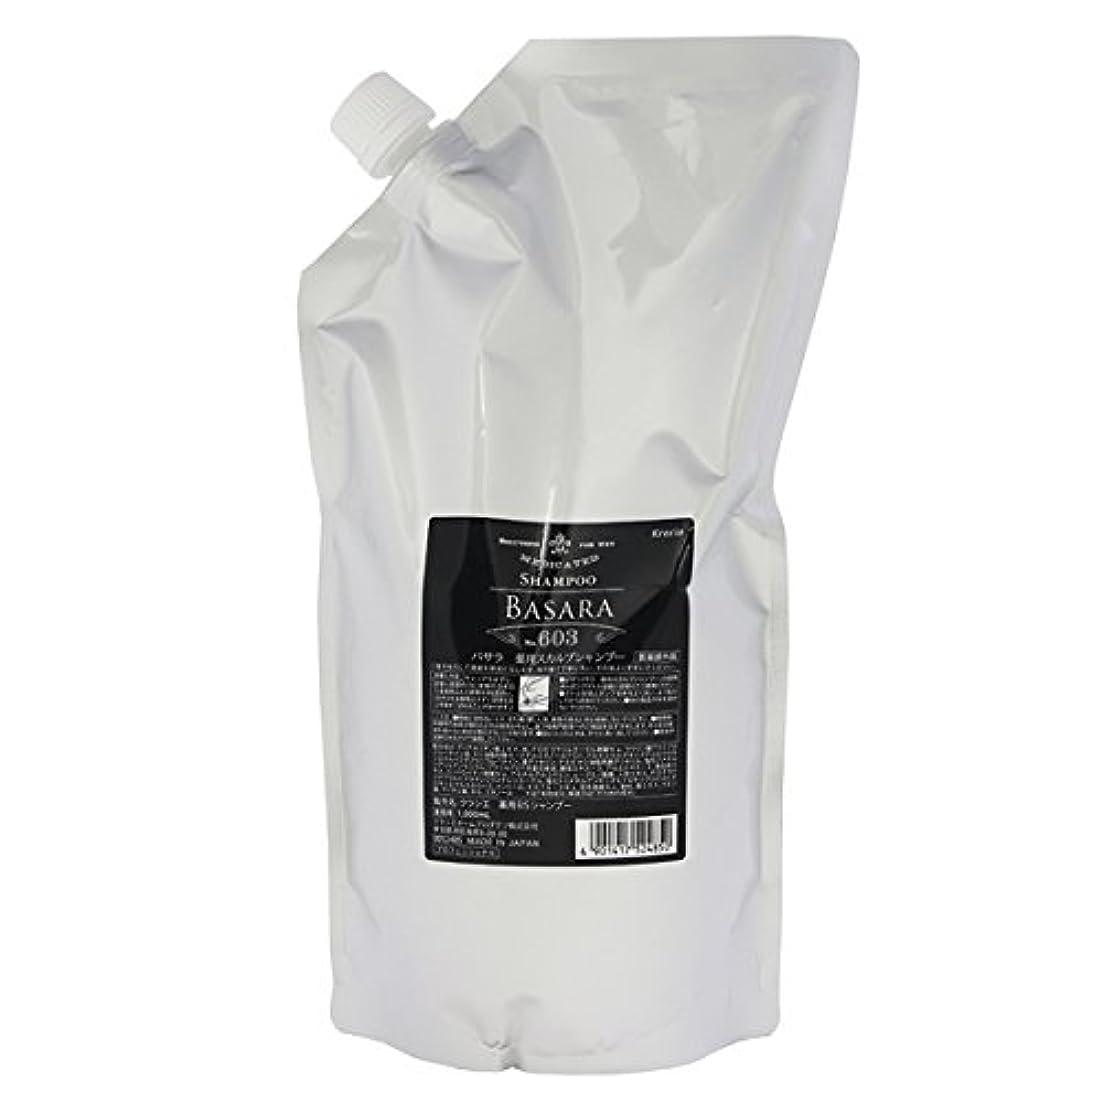 適度に上がる吸収剤クラシエ バサラ 薬用スカルプ シャンプー 603 1000ml レフィル